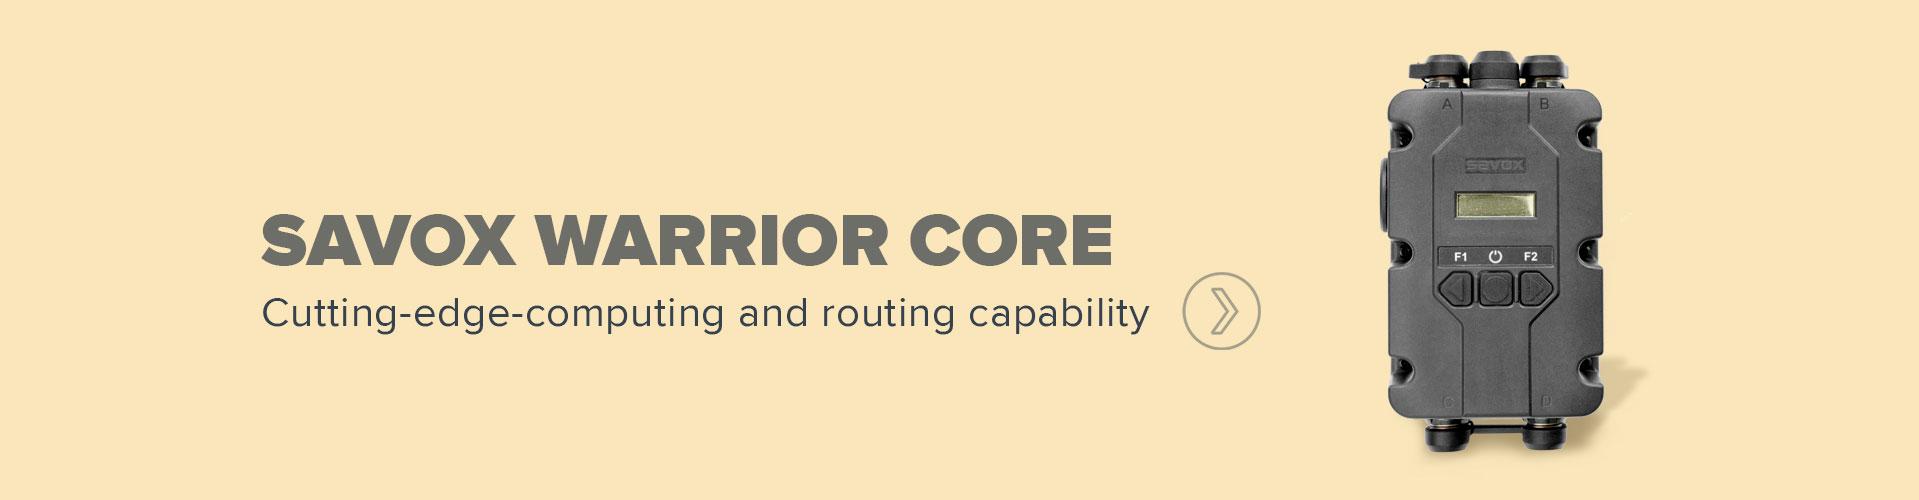 Savox Warrior Core banner